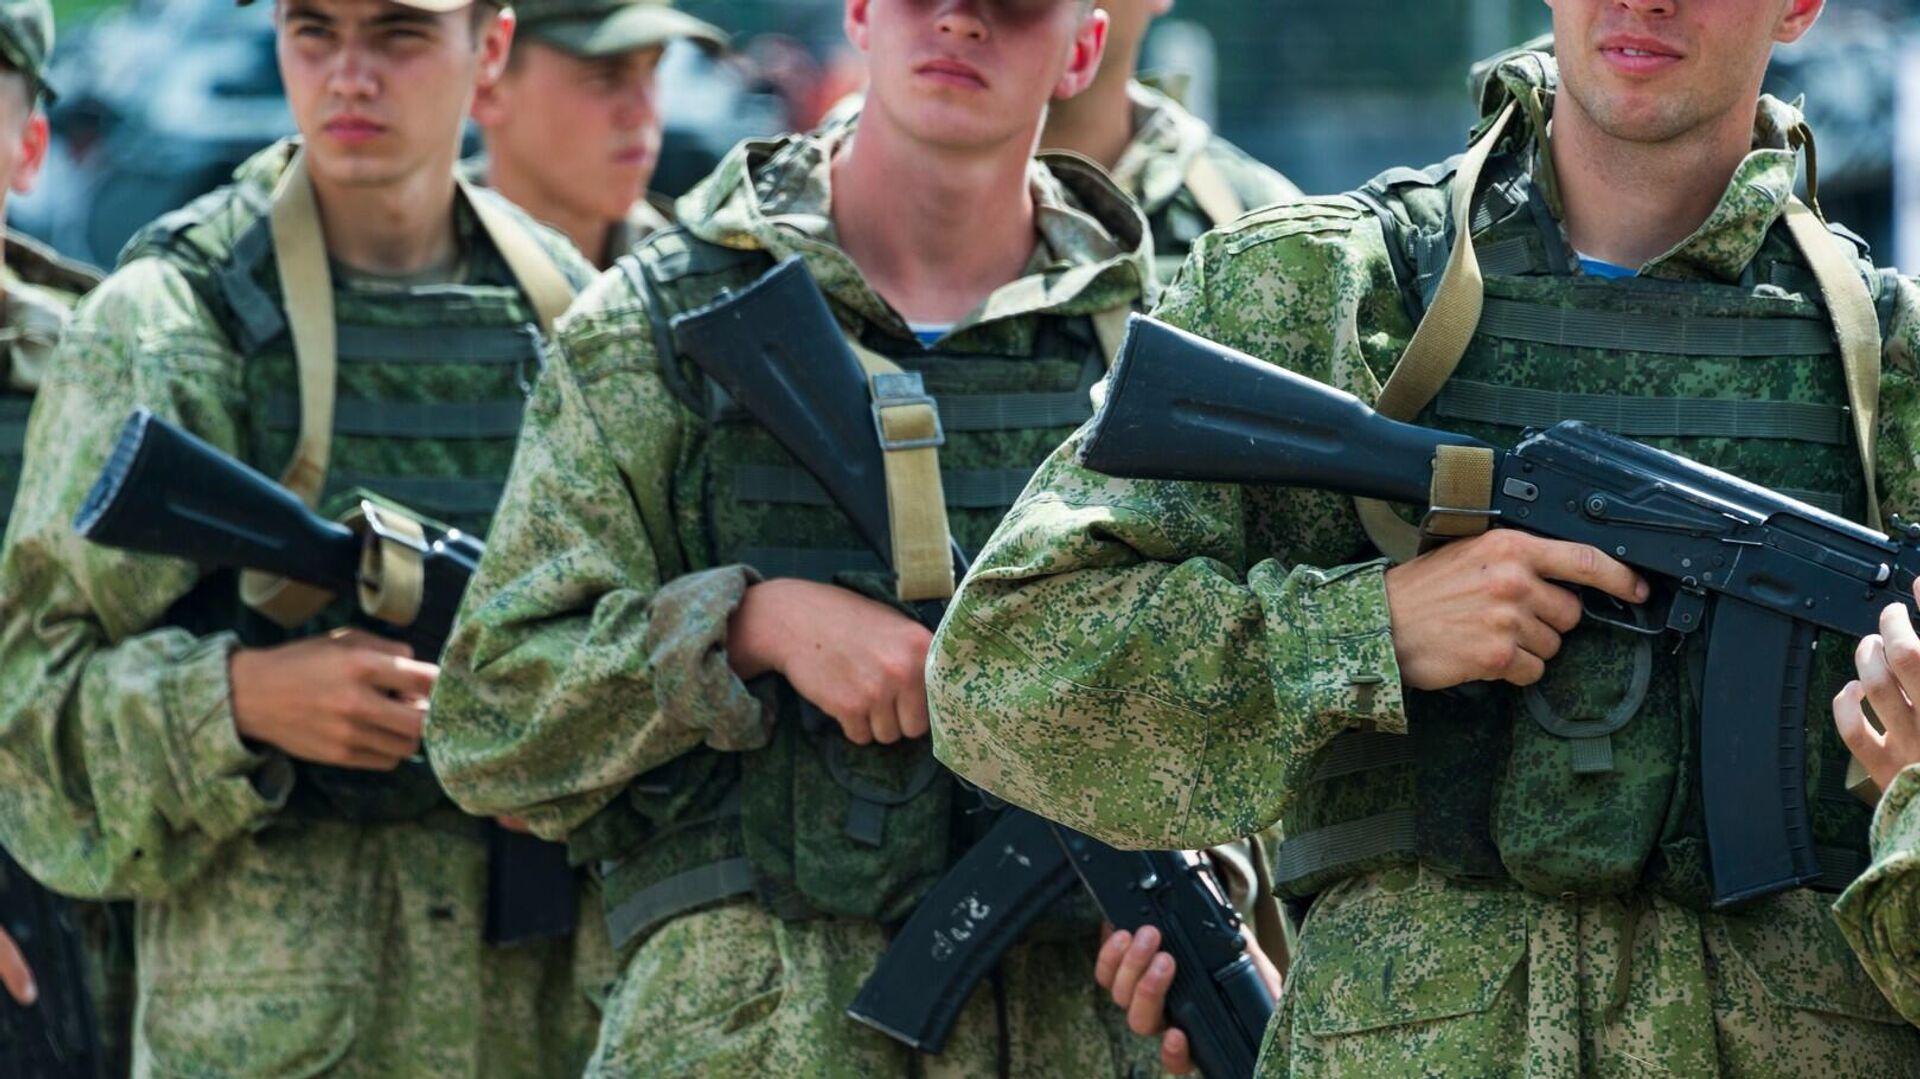 Военнослужащие на форуме Армия-2021 в Симферополе - РИА Новости, 1920, 28.09.2021